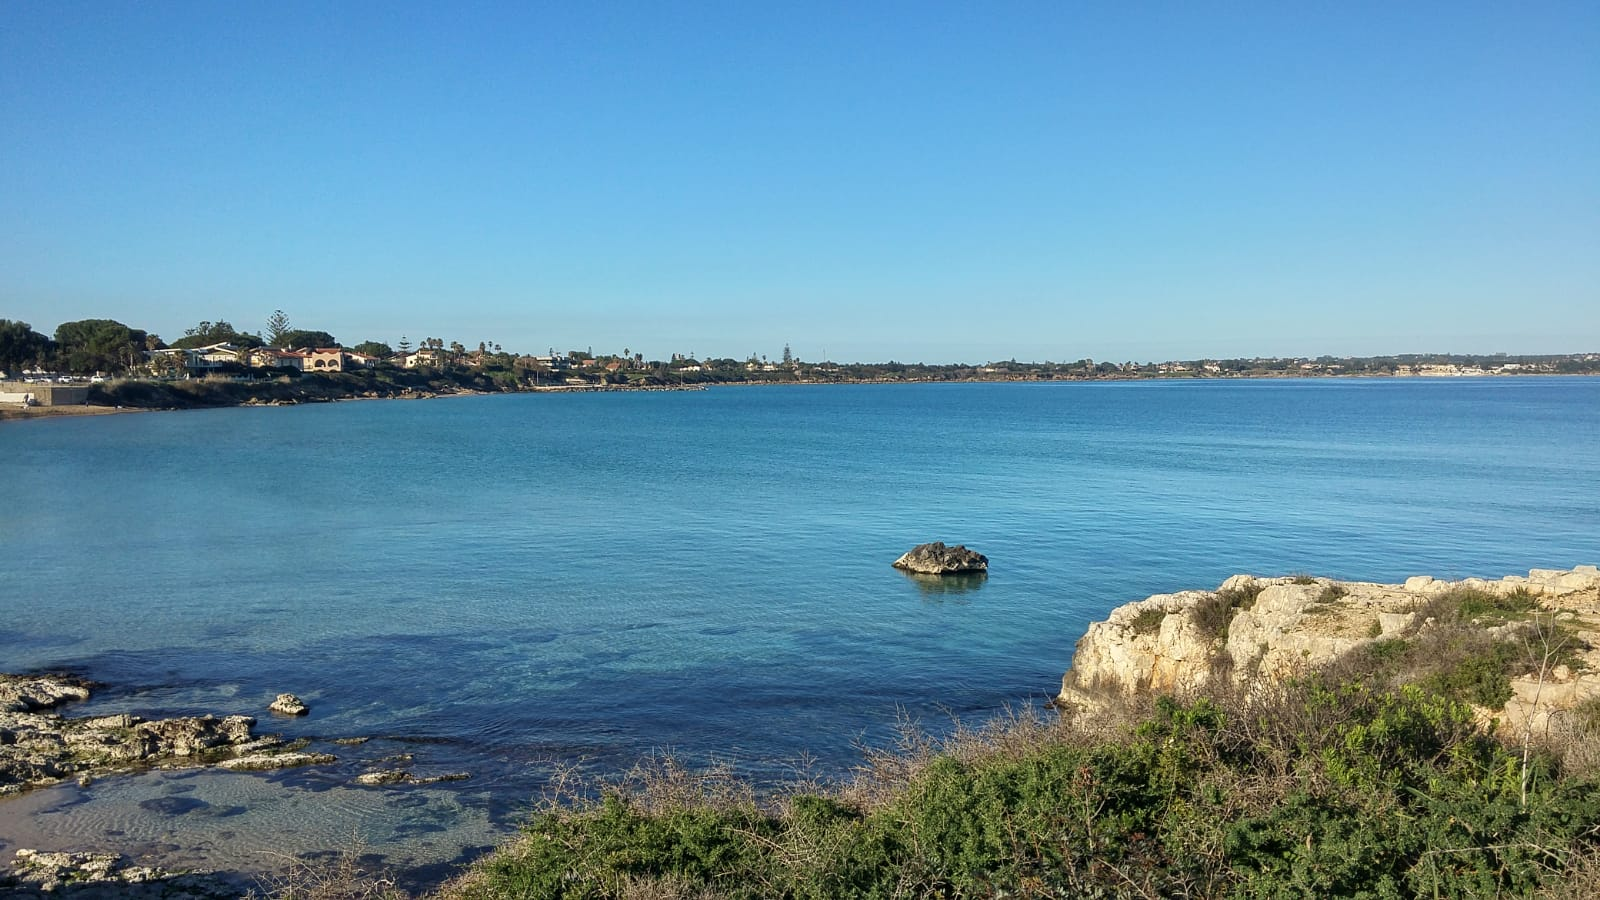 Punta Asparano, mare vista dalla spiaggia Arenella a Siracusa, Sicilia